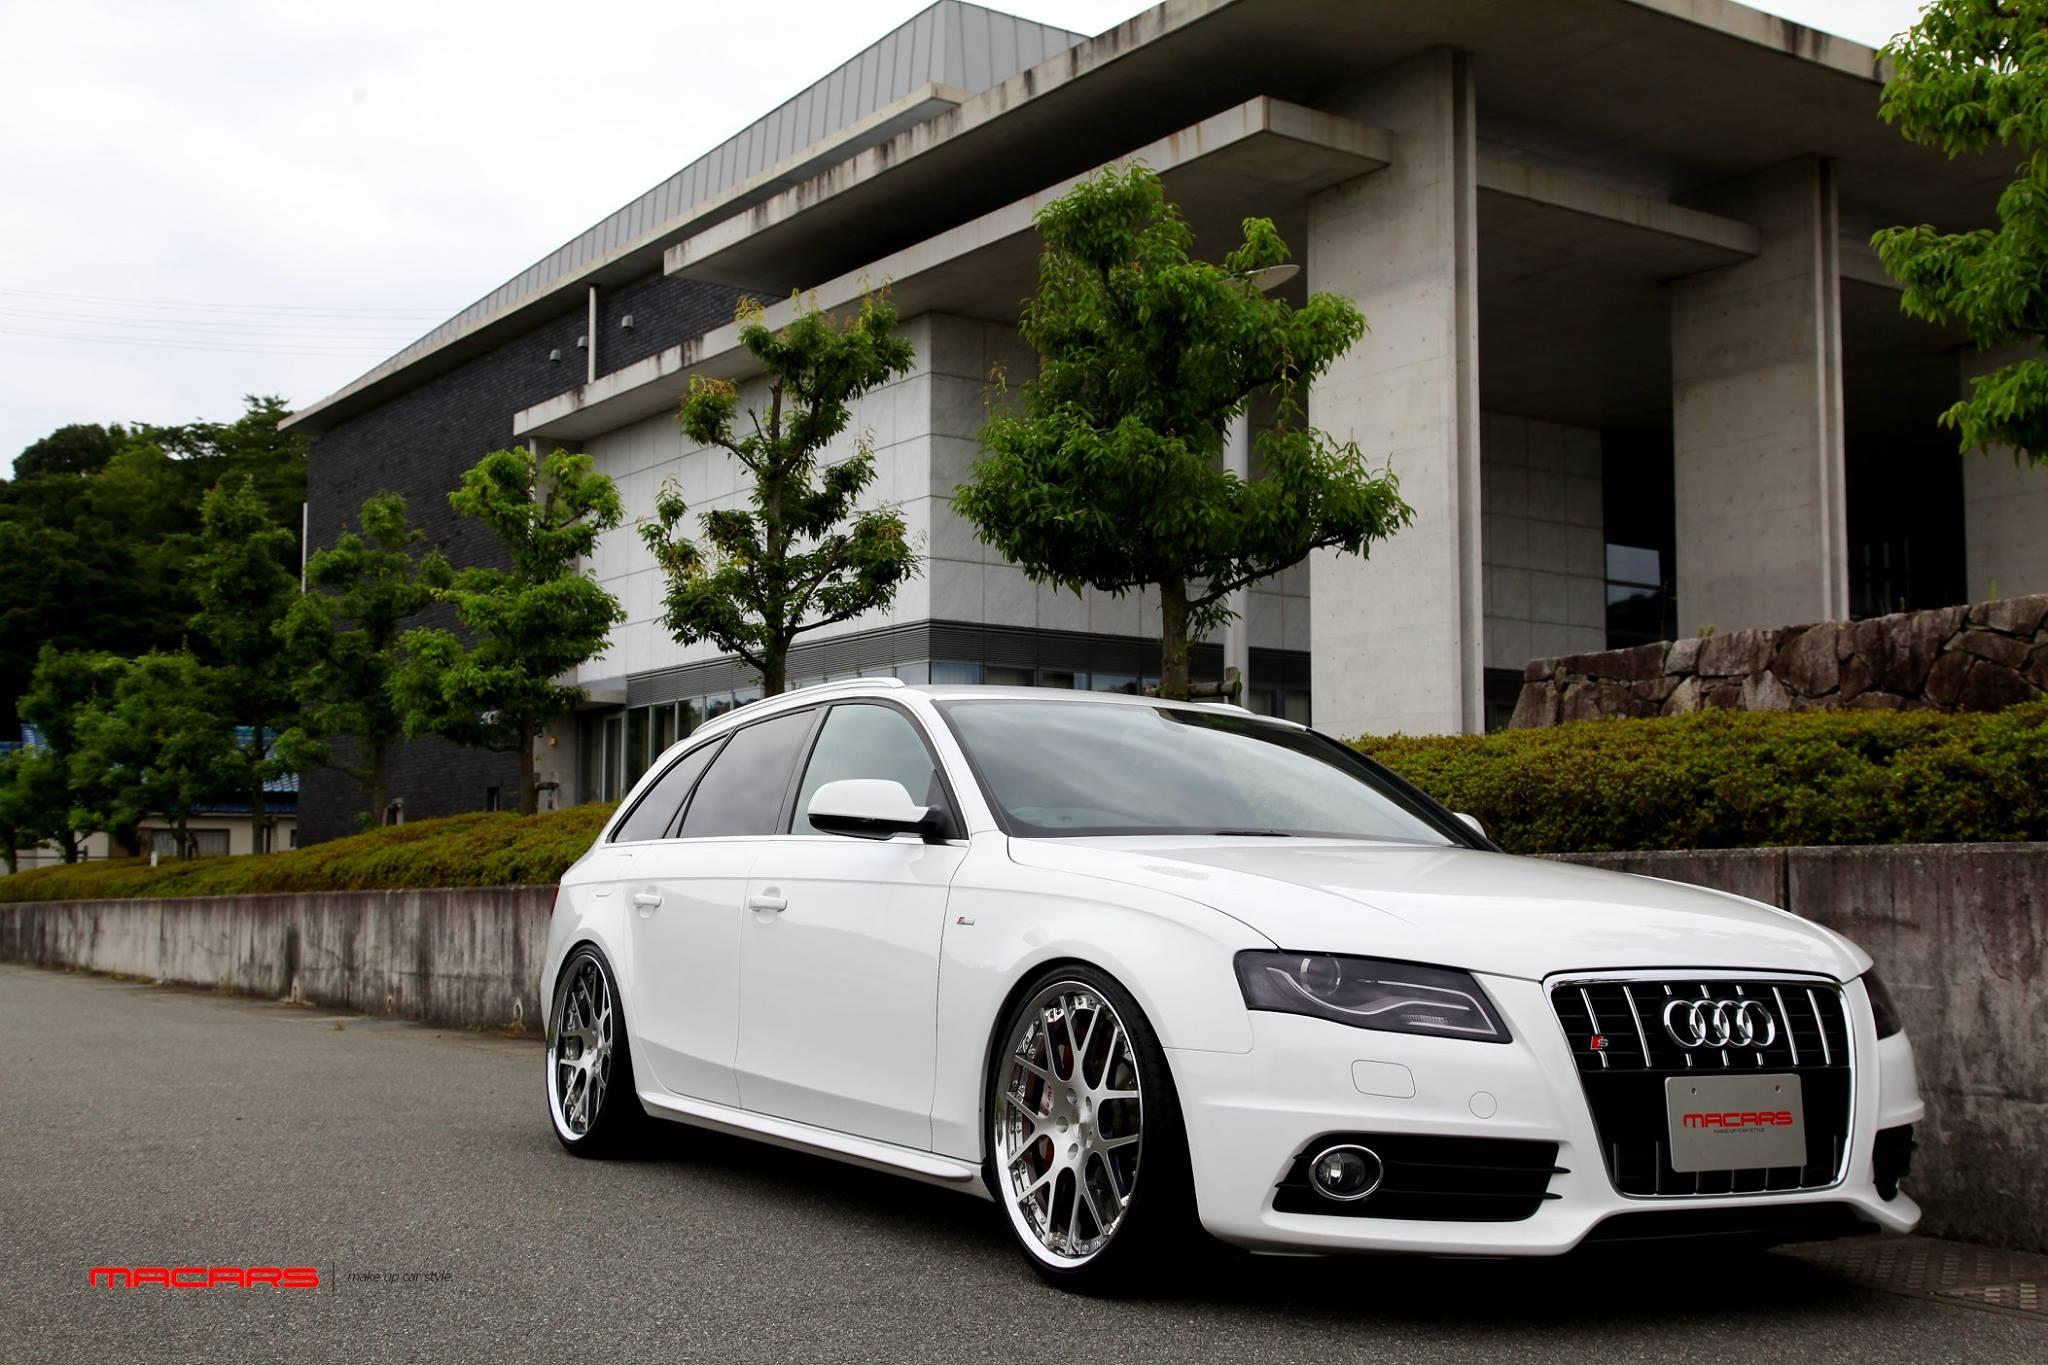 Audi A4/B8 2.0TQ Avant